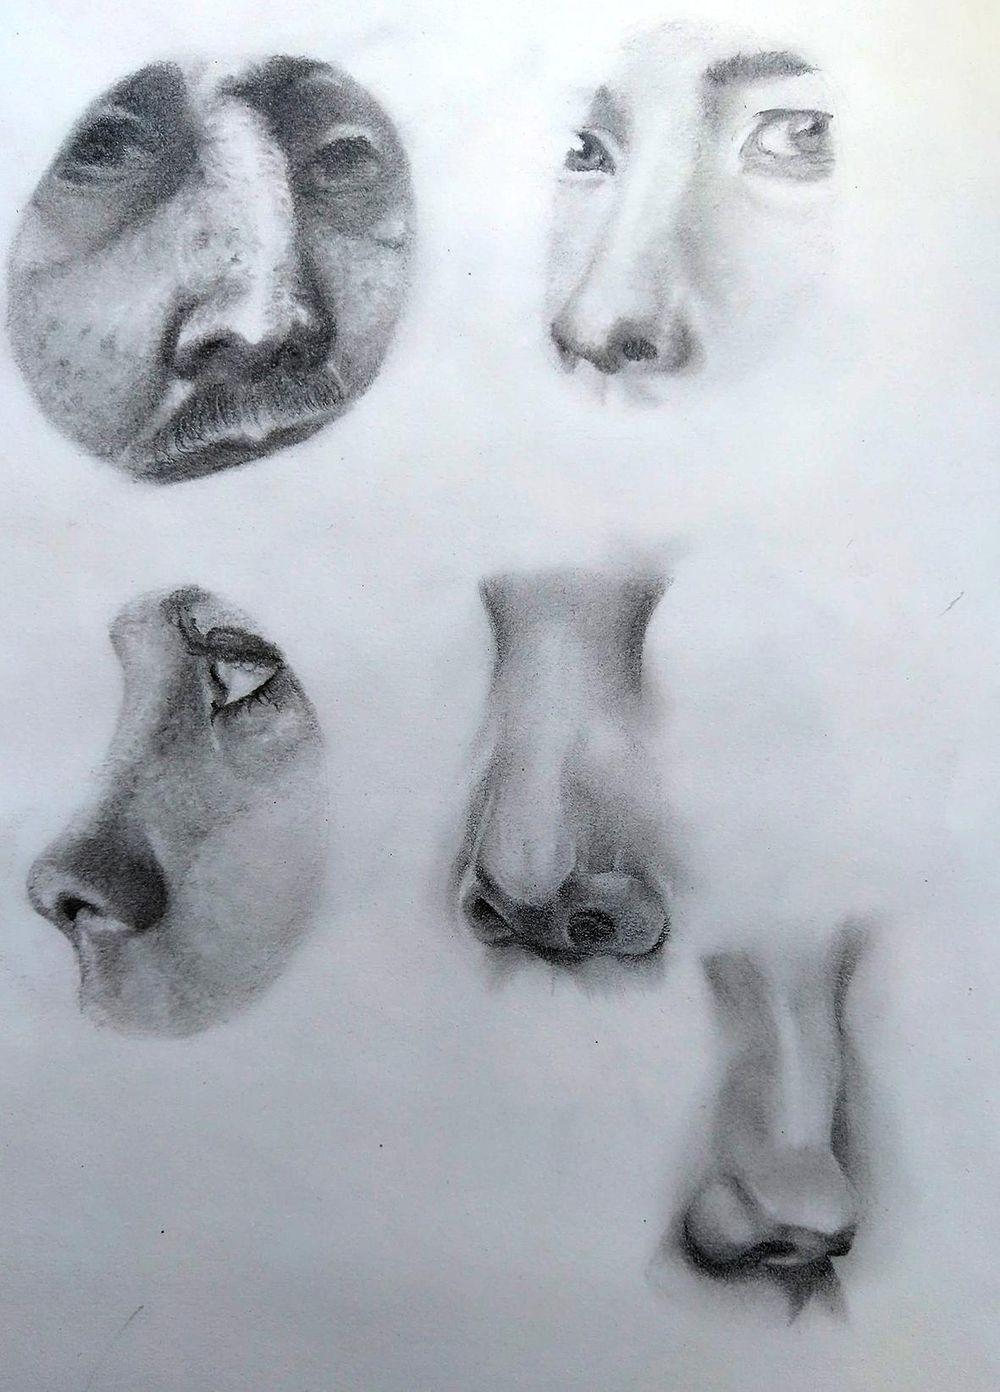 Pencil Portrait - practice - image 7 - student project